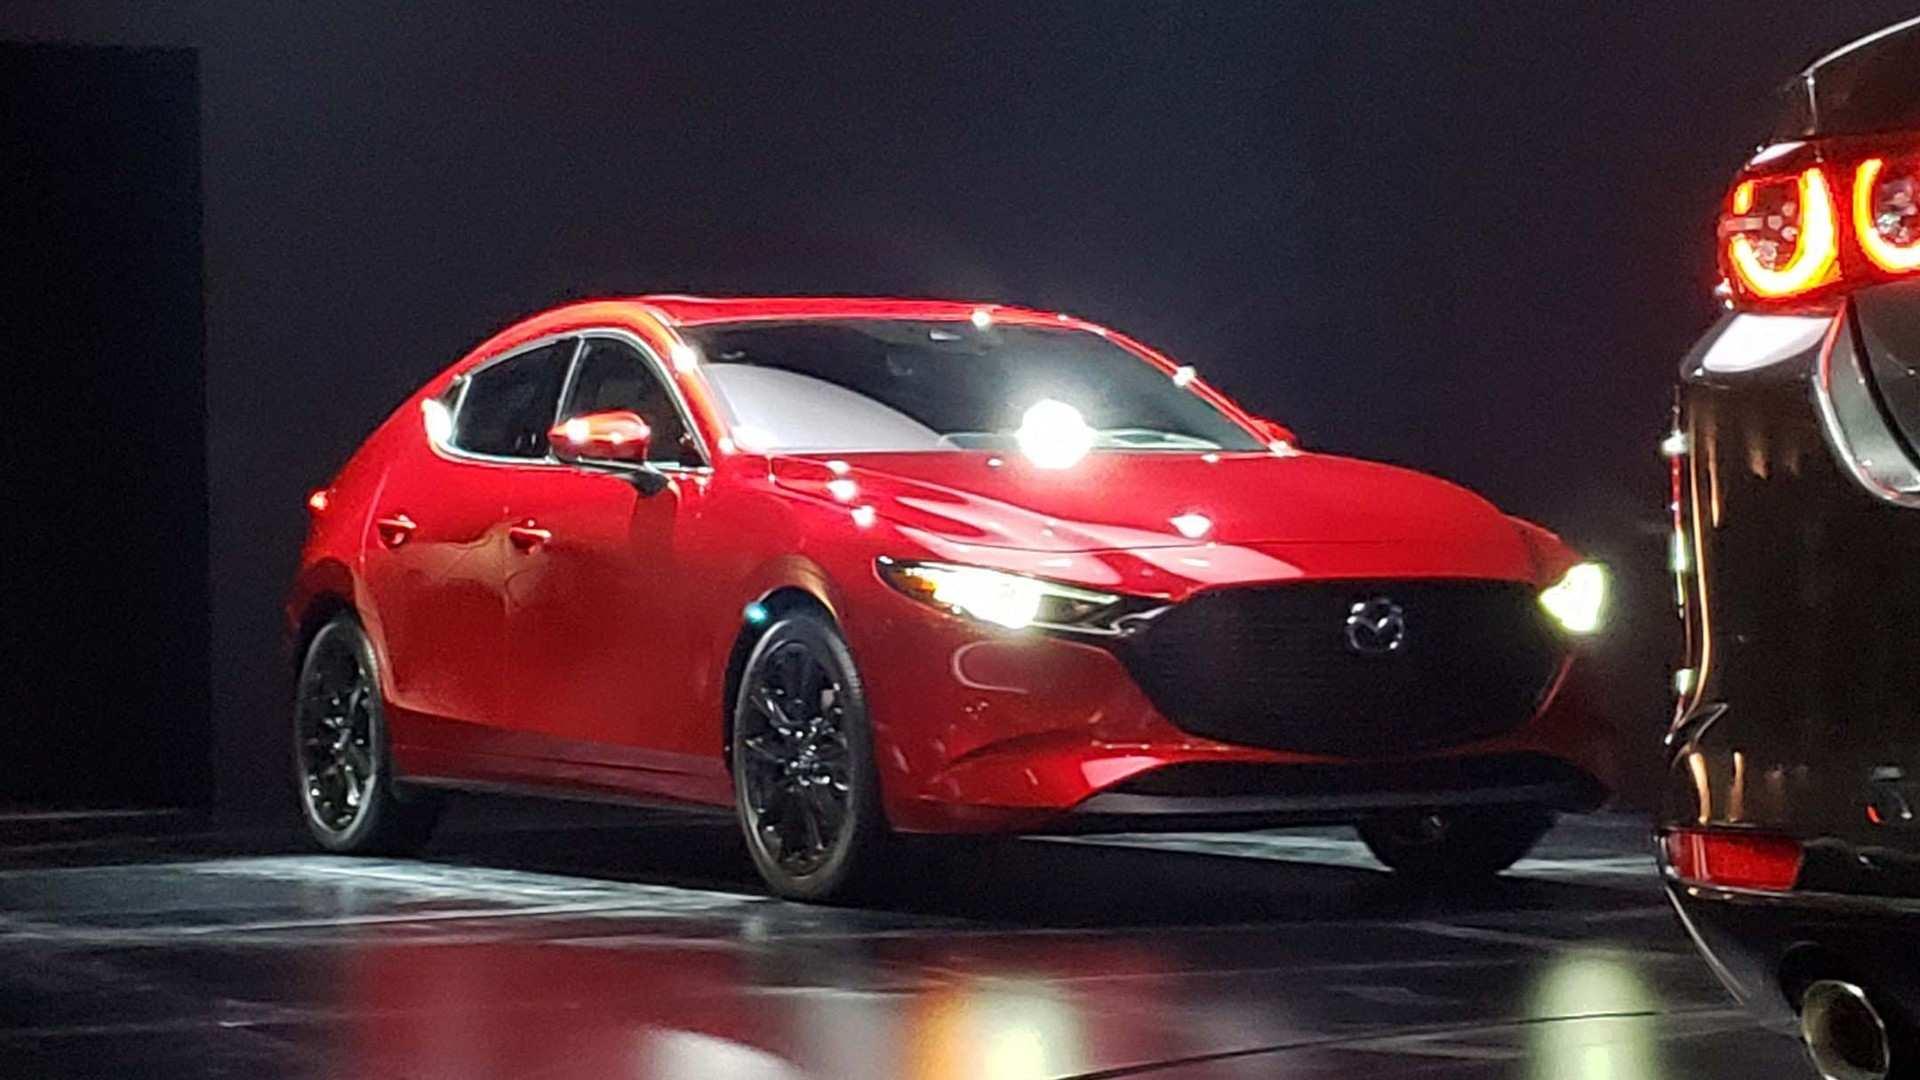 63 Gallery of Mazda Ev 2020 Review for Mazda Ev 2020